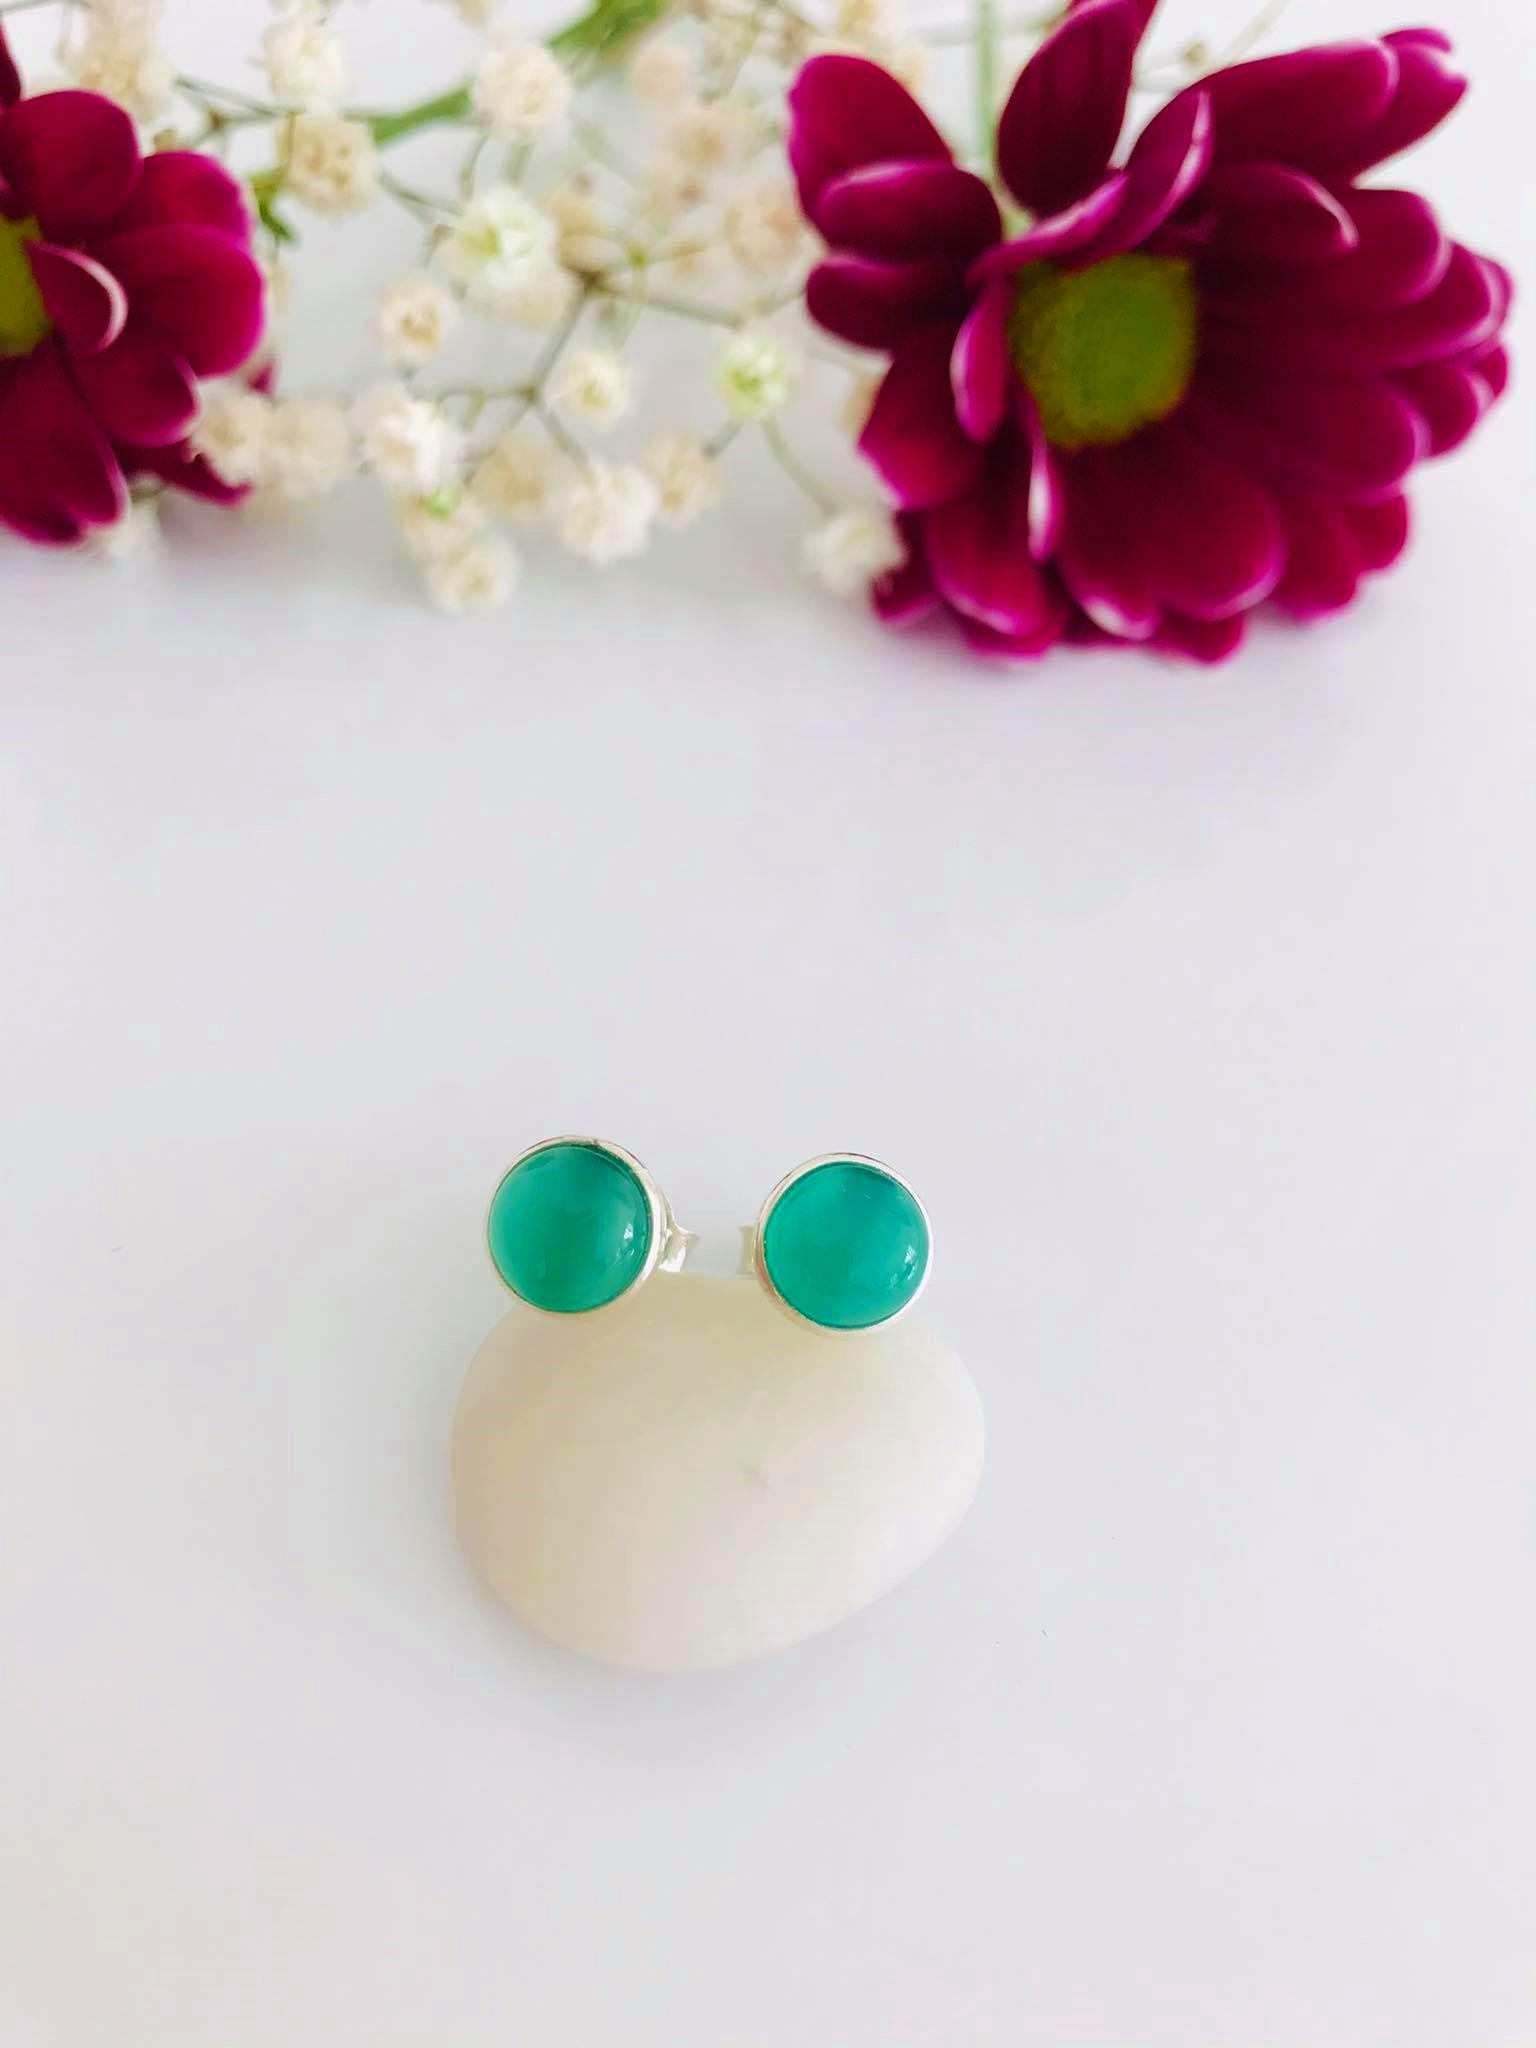 Green Chalcedony set in Silver Earrings Image